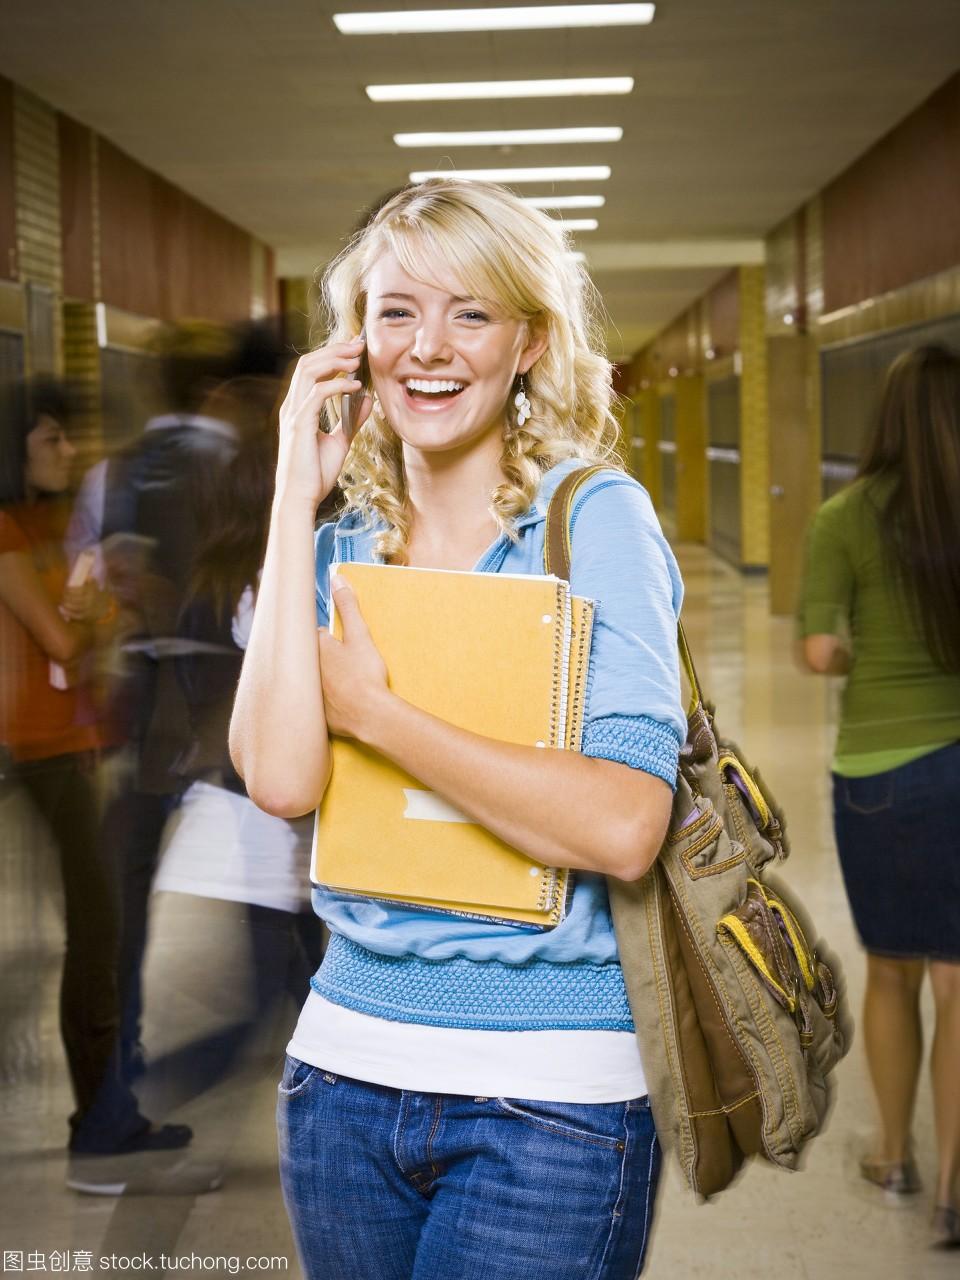 女高中生在手机学校。班好哪个山西大地怀仁高中图片